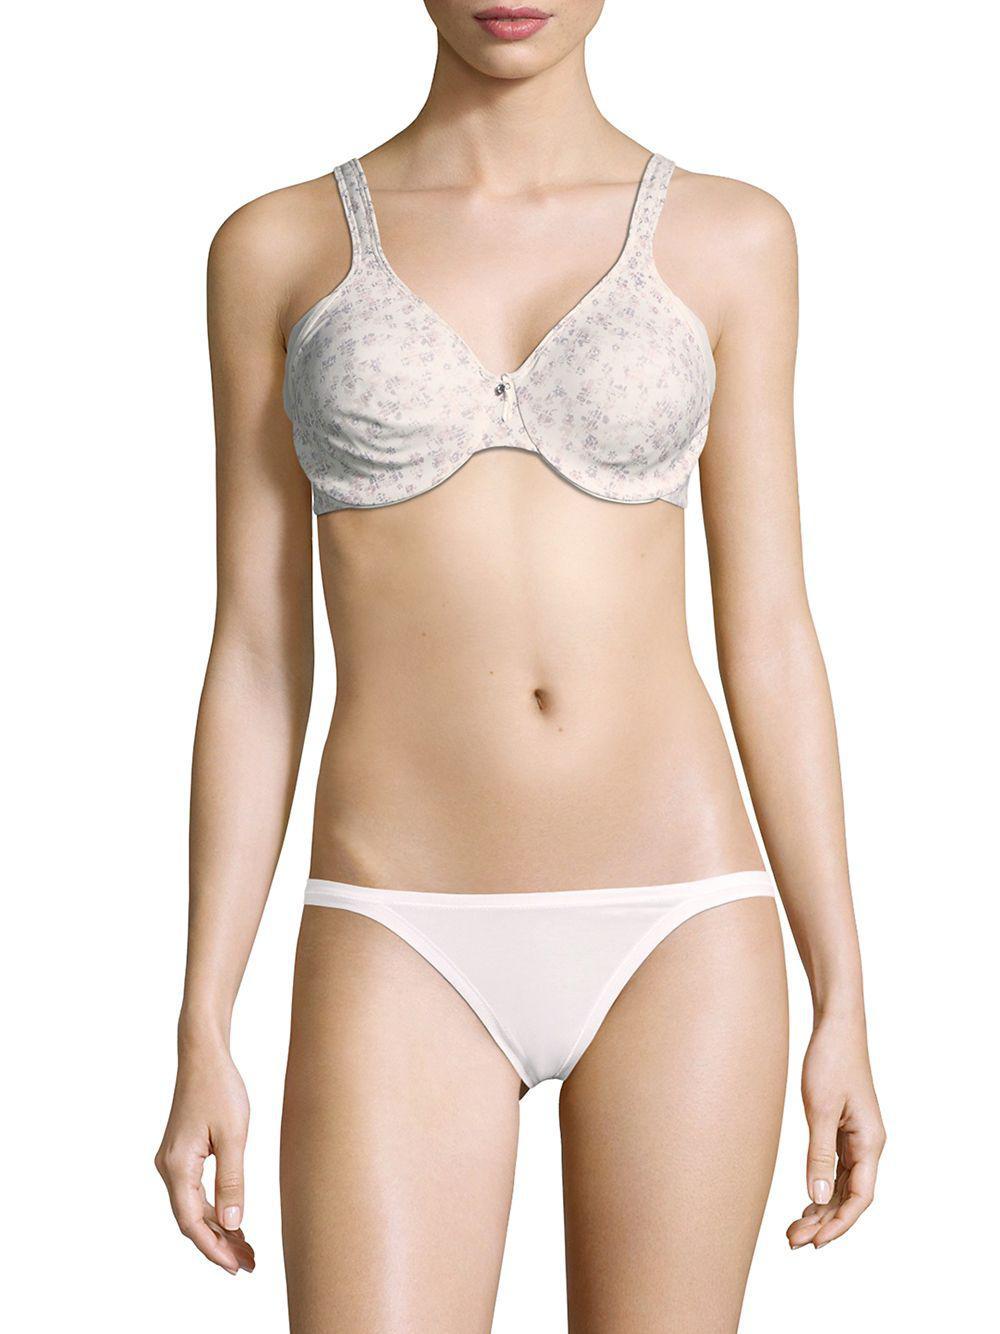 ebf54a15fe693 Bali. Women s One Smooth U Minimizer Underwire Bra